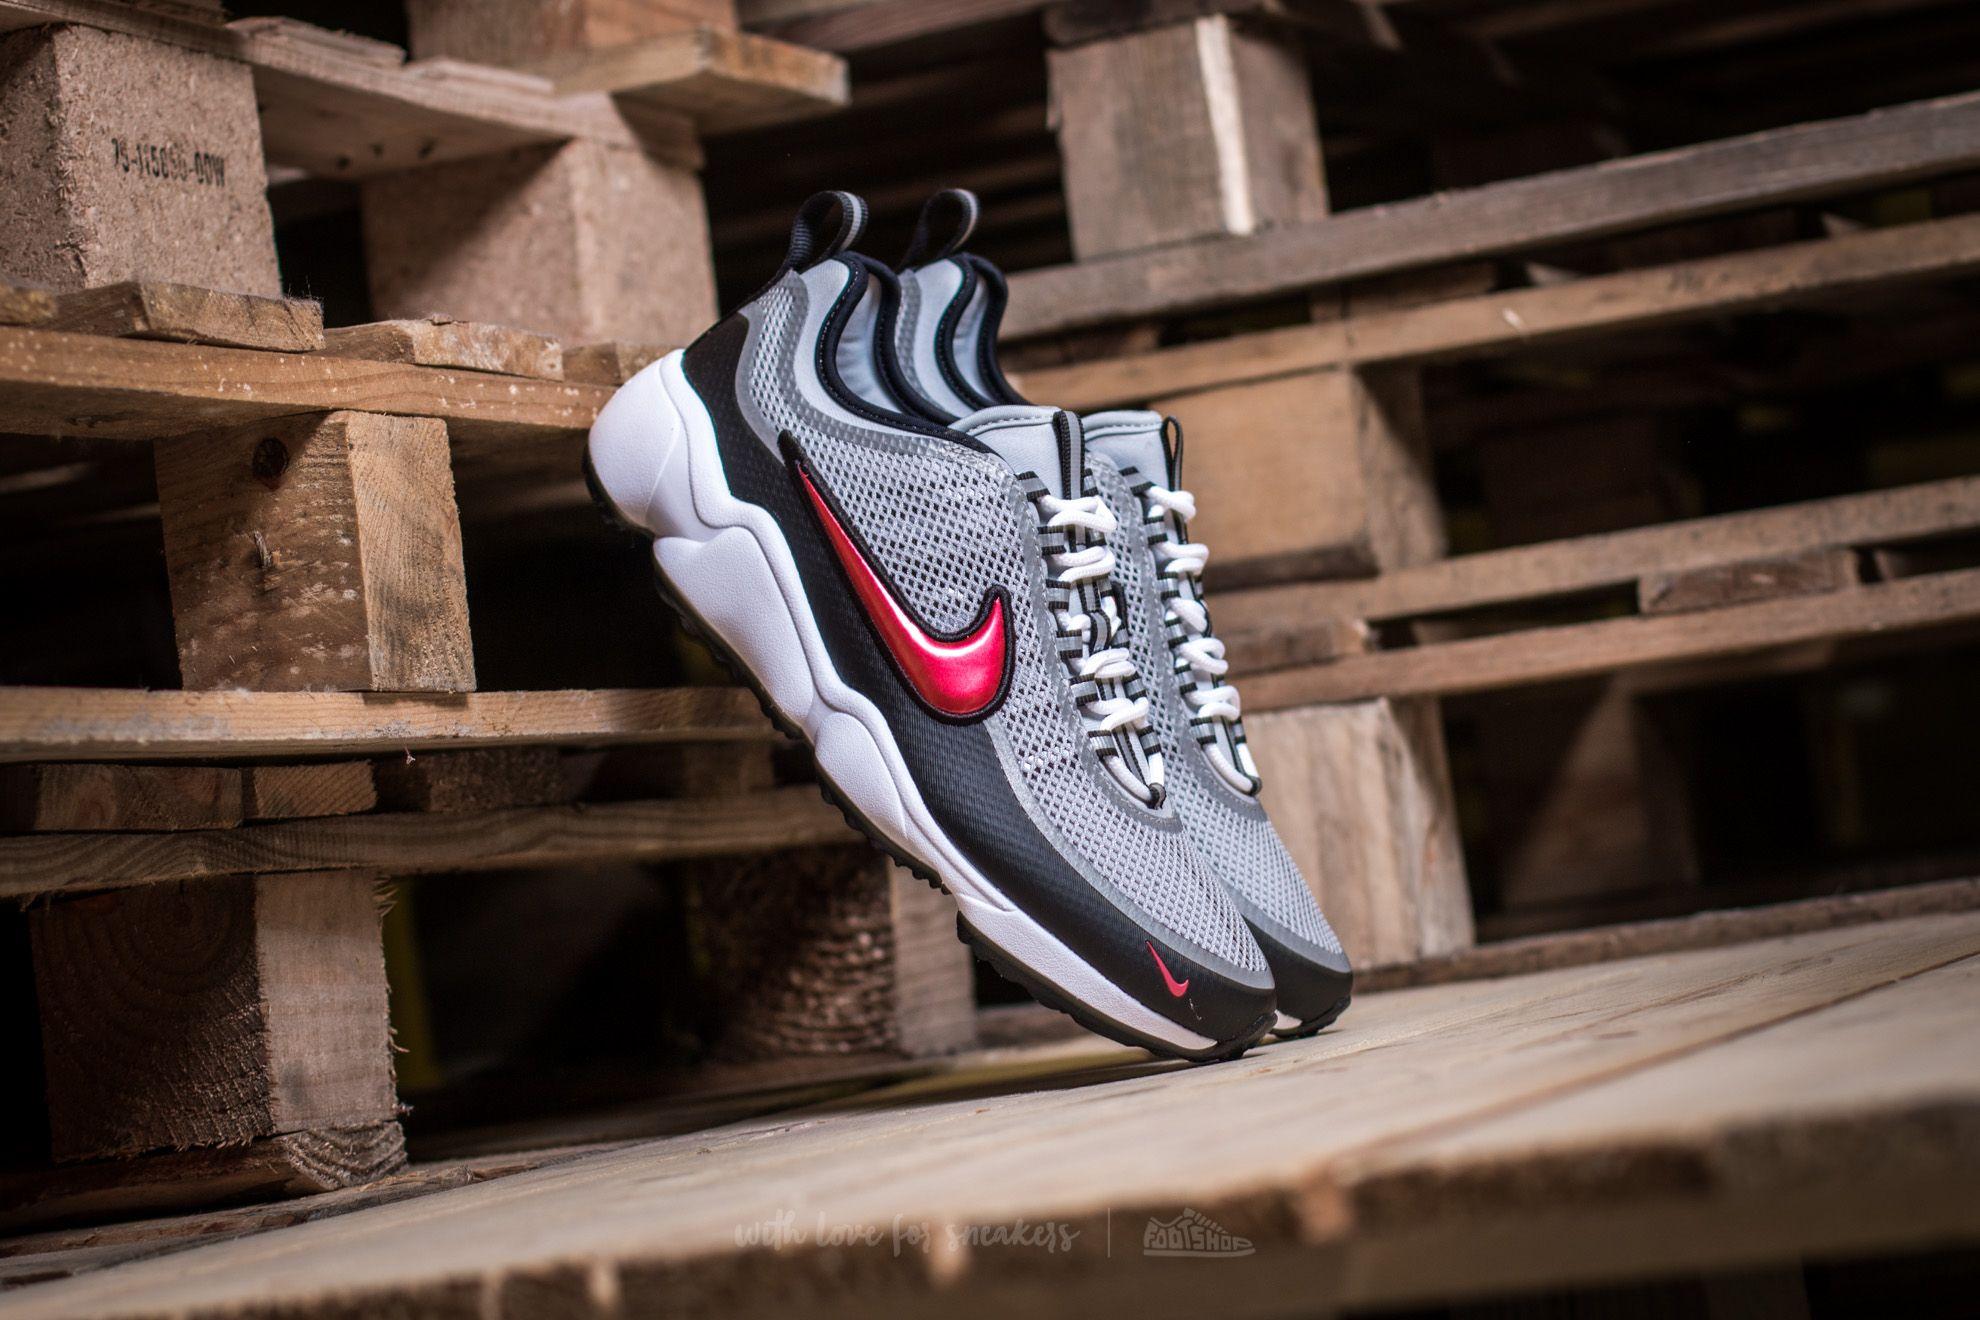 Nike Zoom Spiridon Metallic Silver/ Desert Red